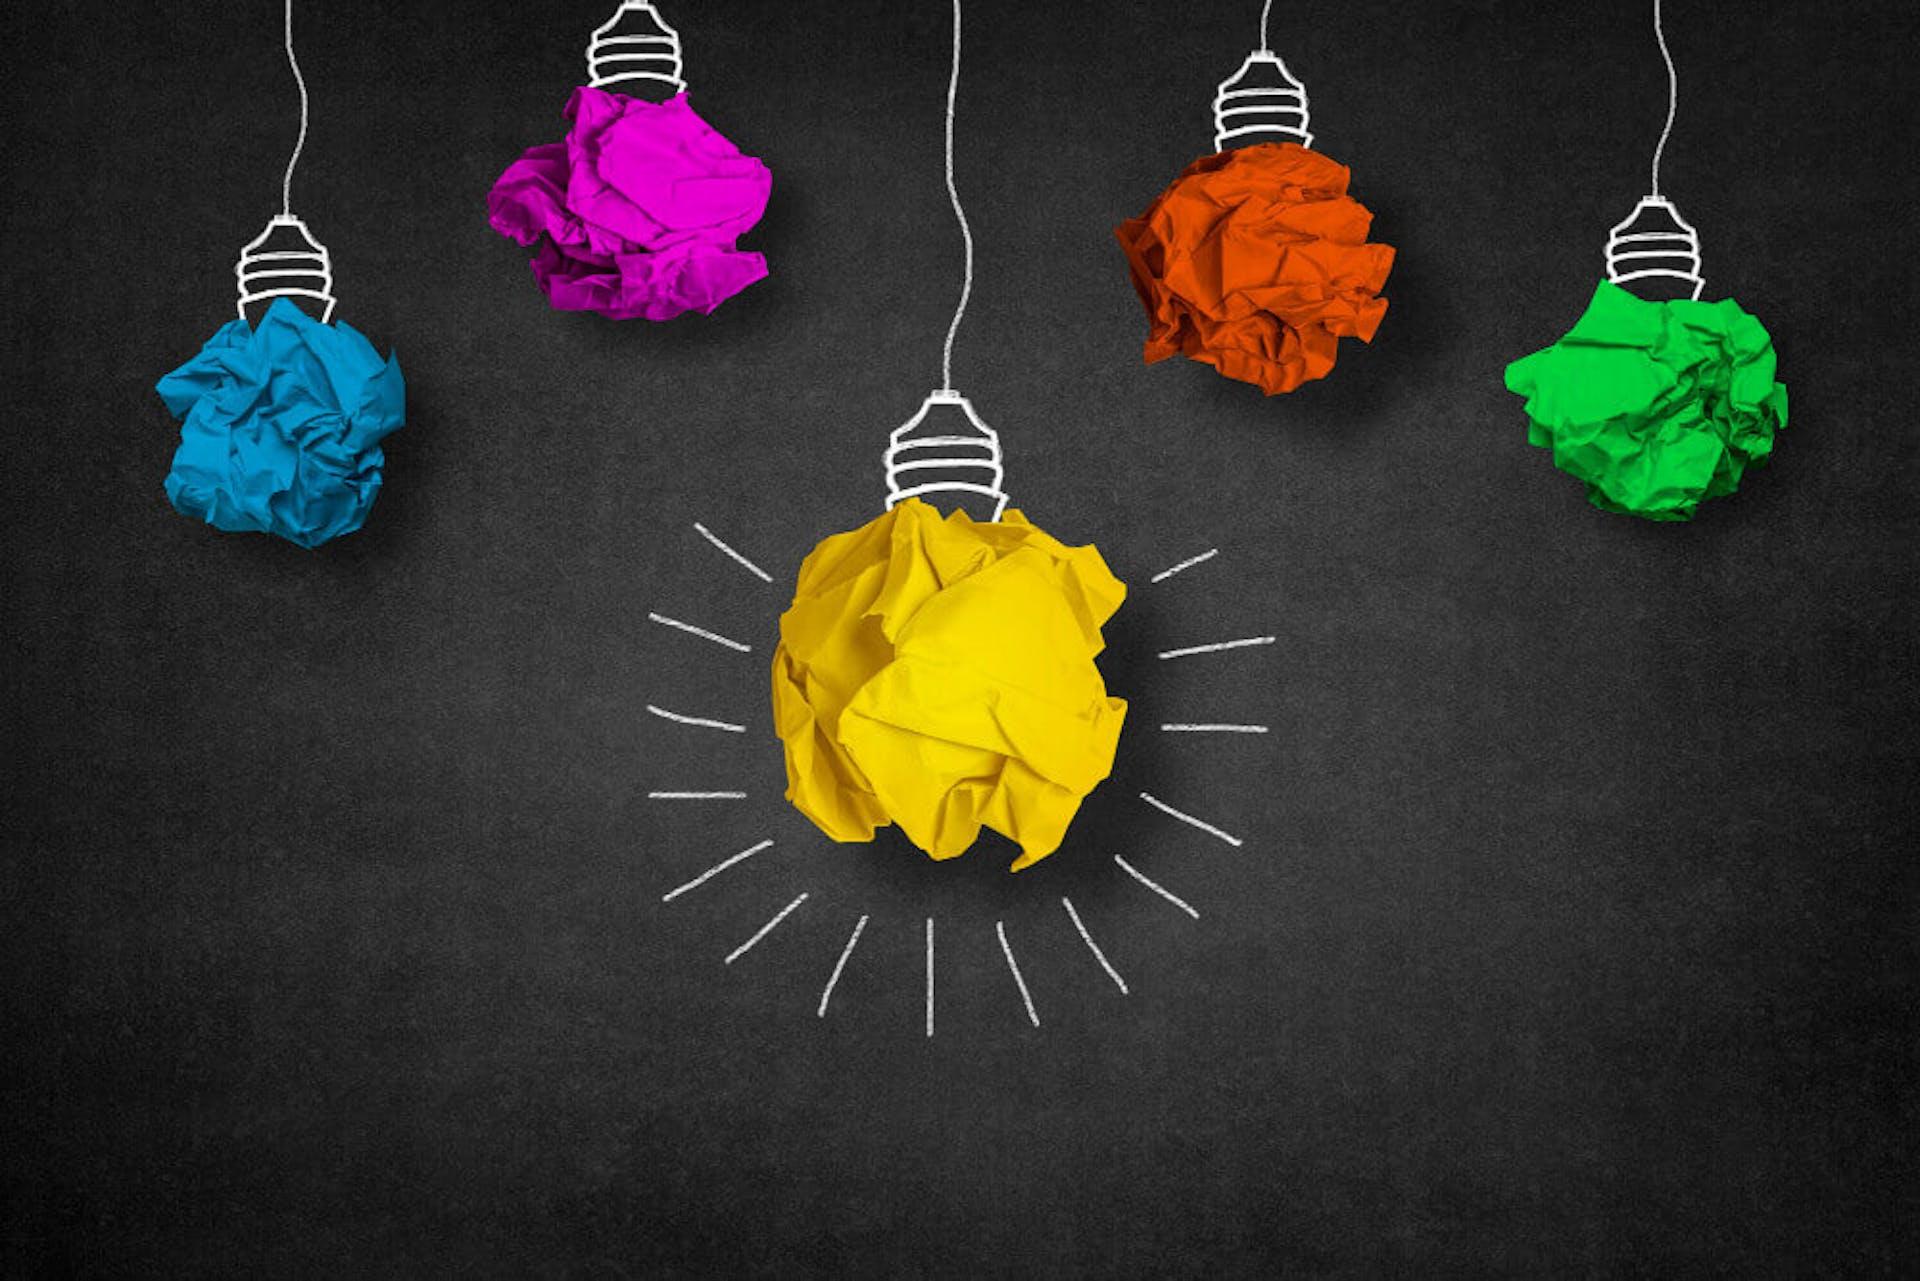 ¡No dejes de innovar! Softwares o aplicaciones que ayudan a llevar a cabo técnicas mediante las que se generan ideas